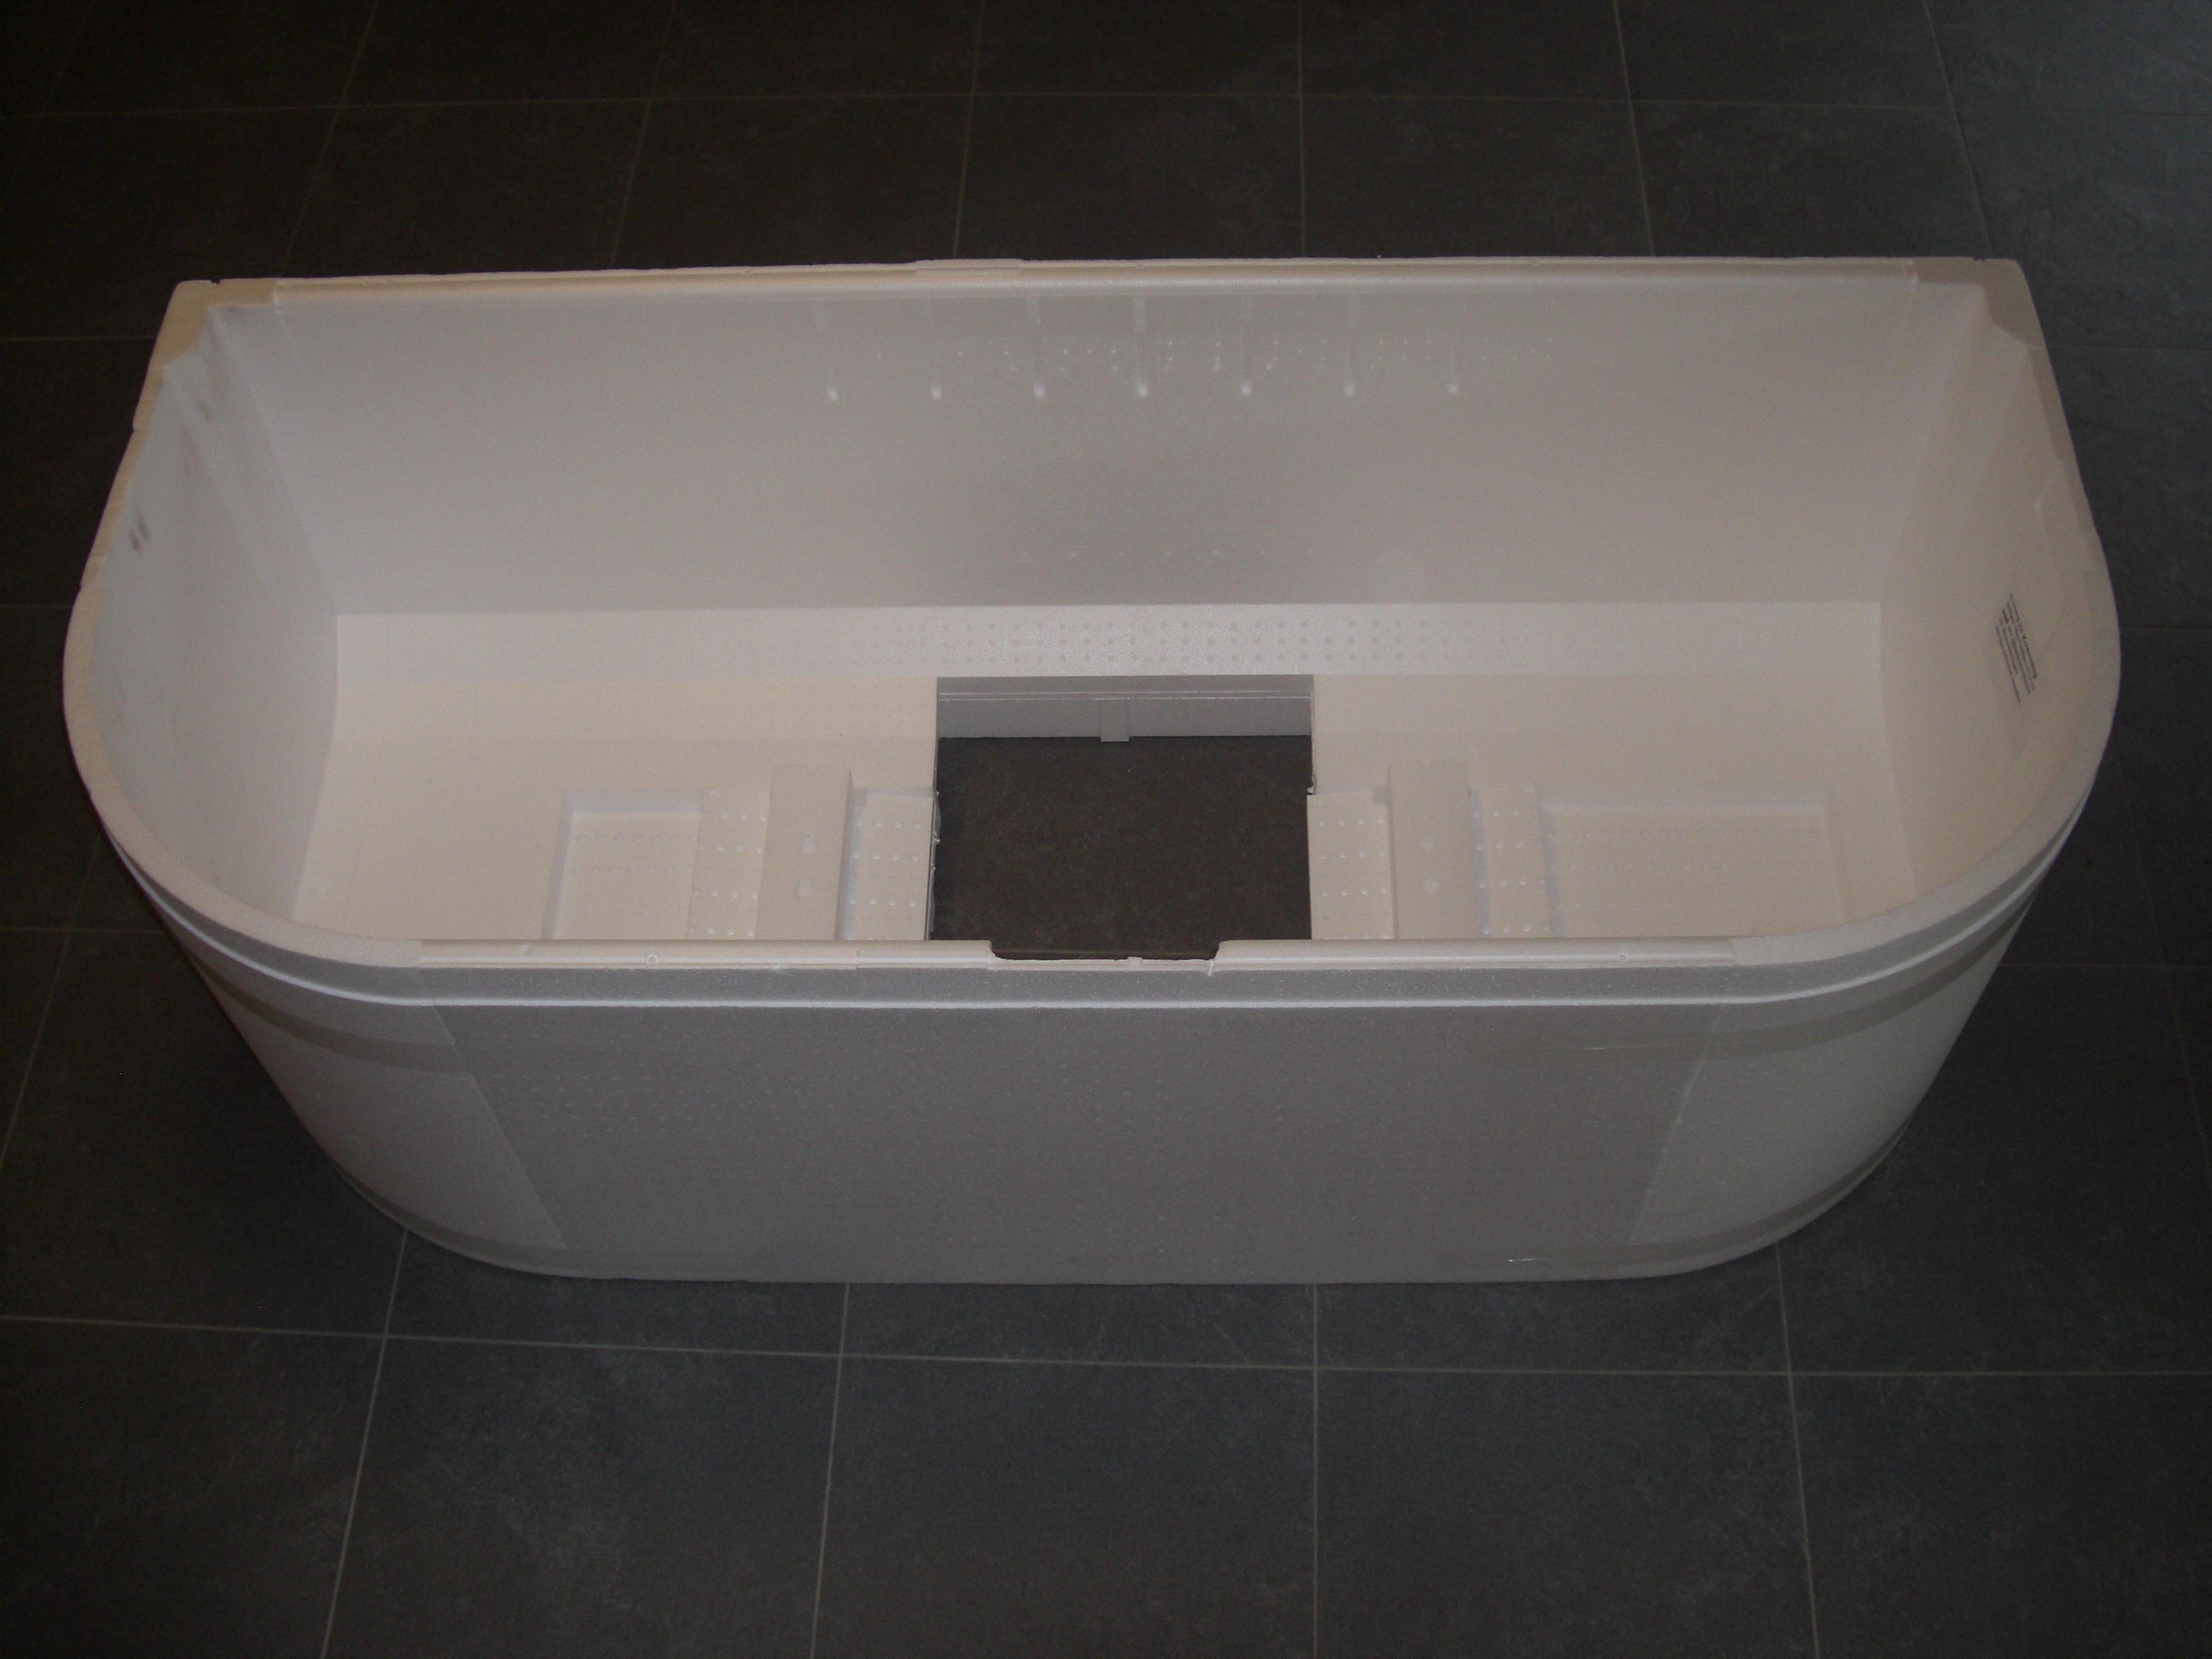 poresta styroportr ger wannentr ger 180x80cm f r kaldewei. Black Bedroom Furniture Sets. Home Design Ideas